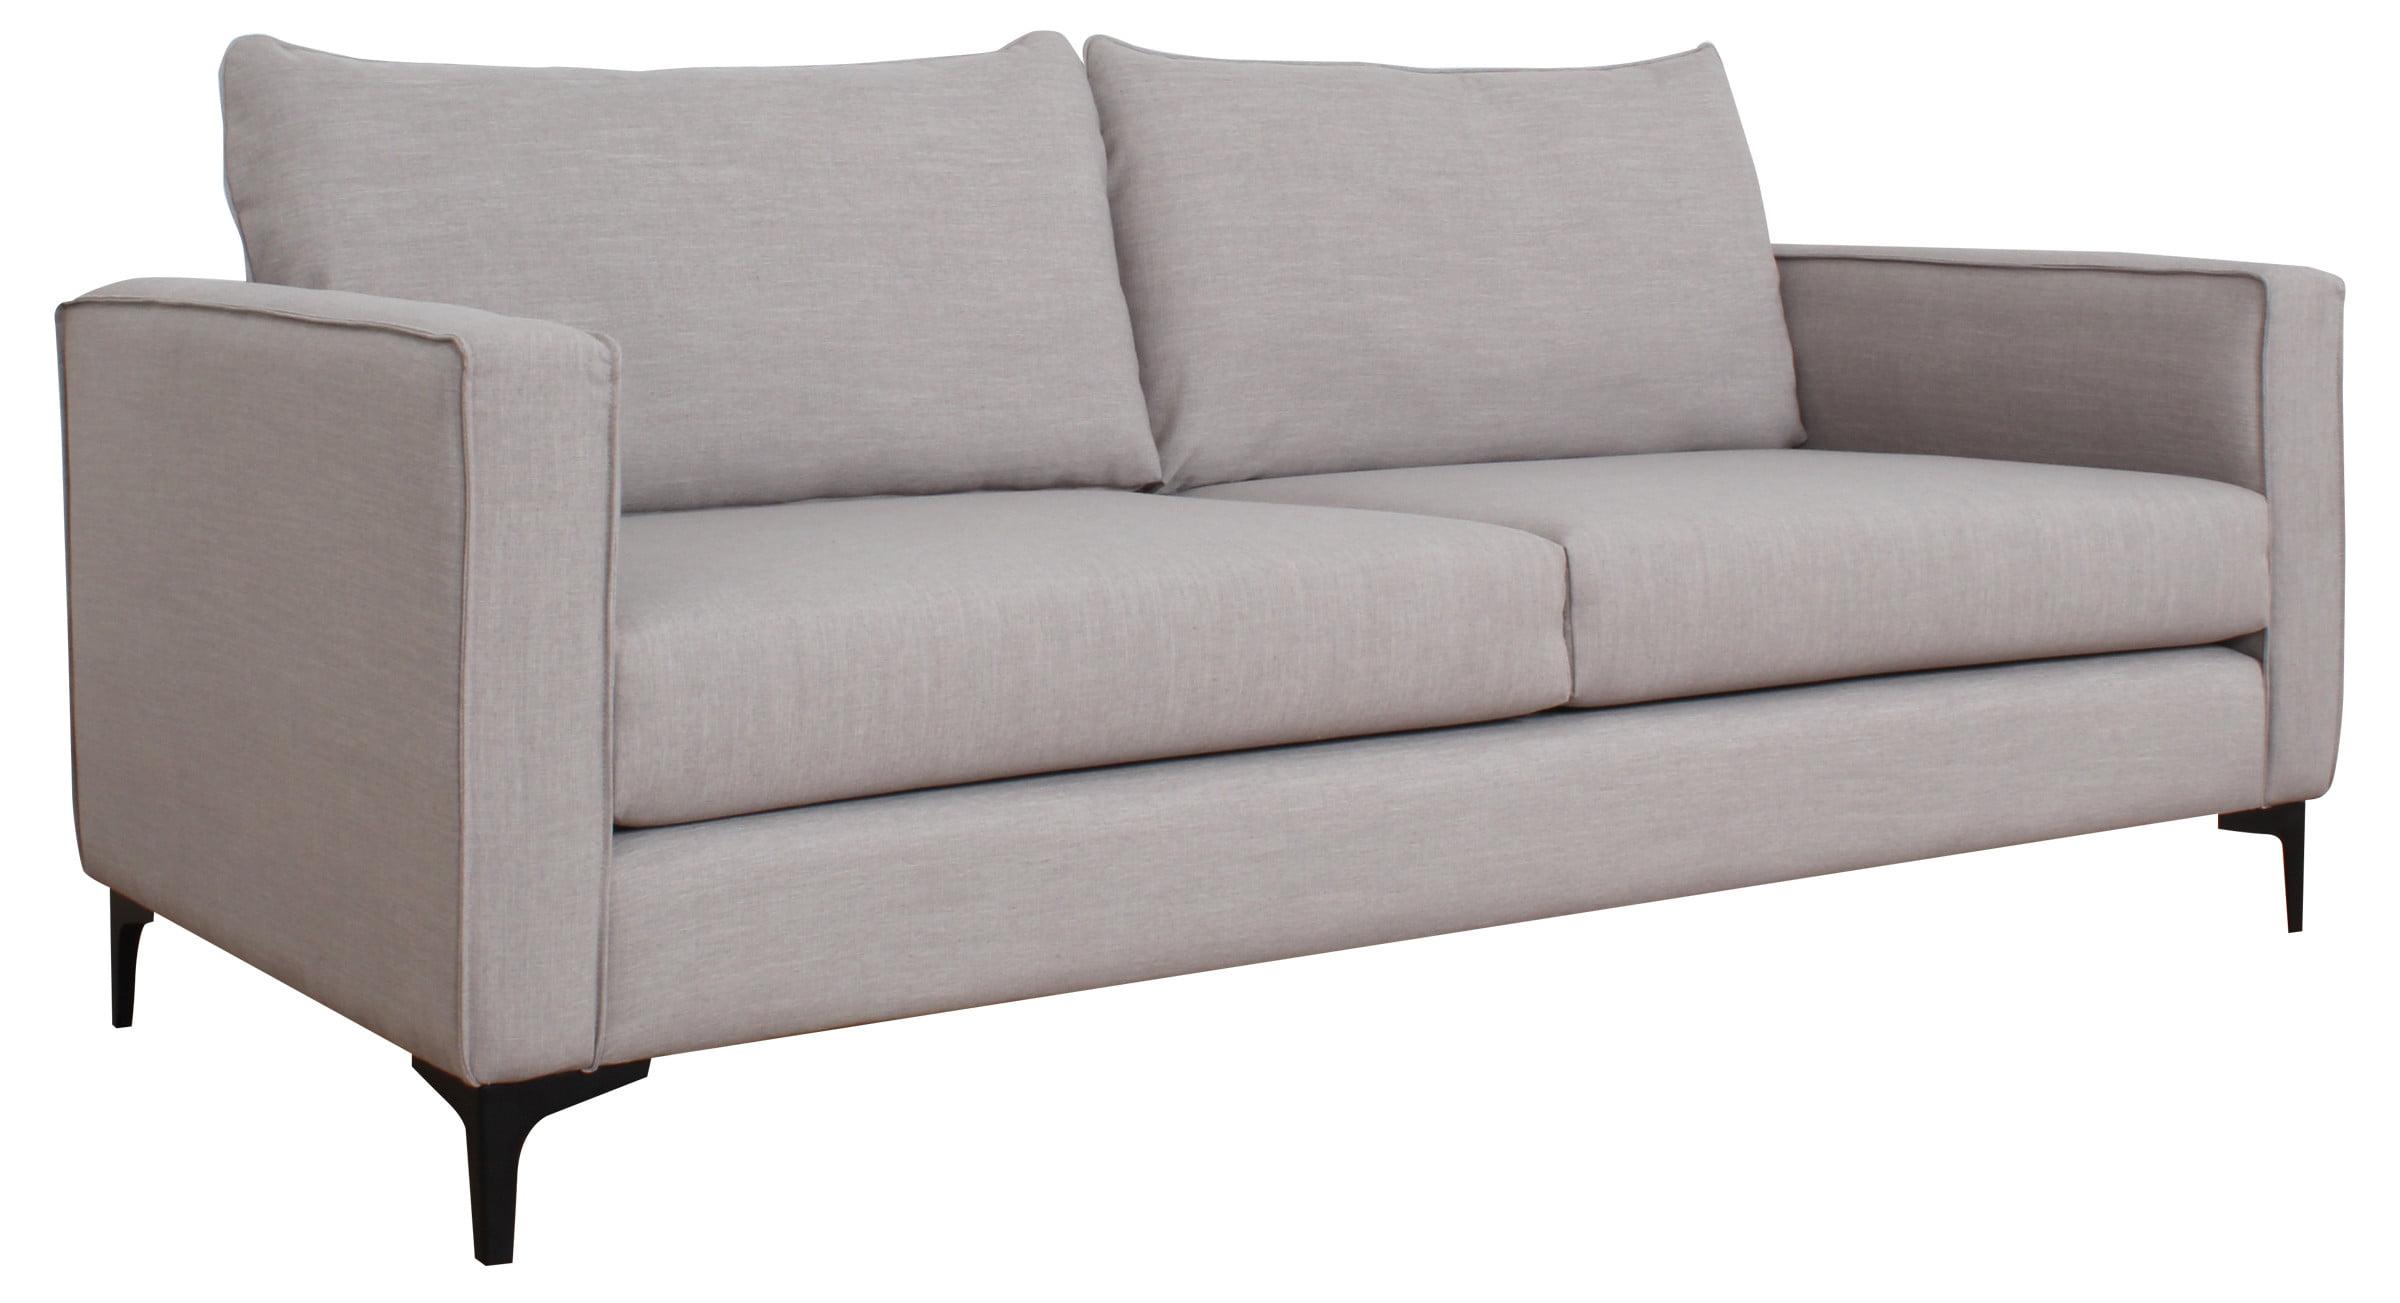 Sofa Personalizado Delta Piedra22